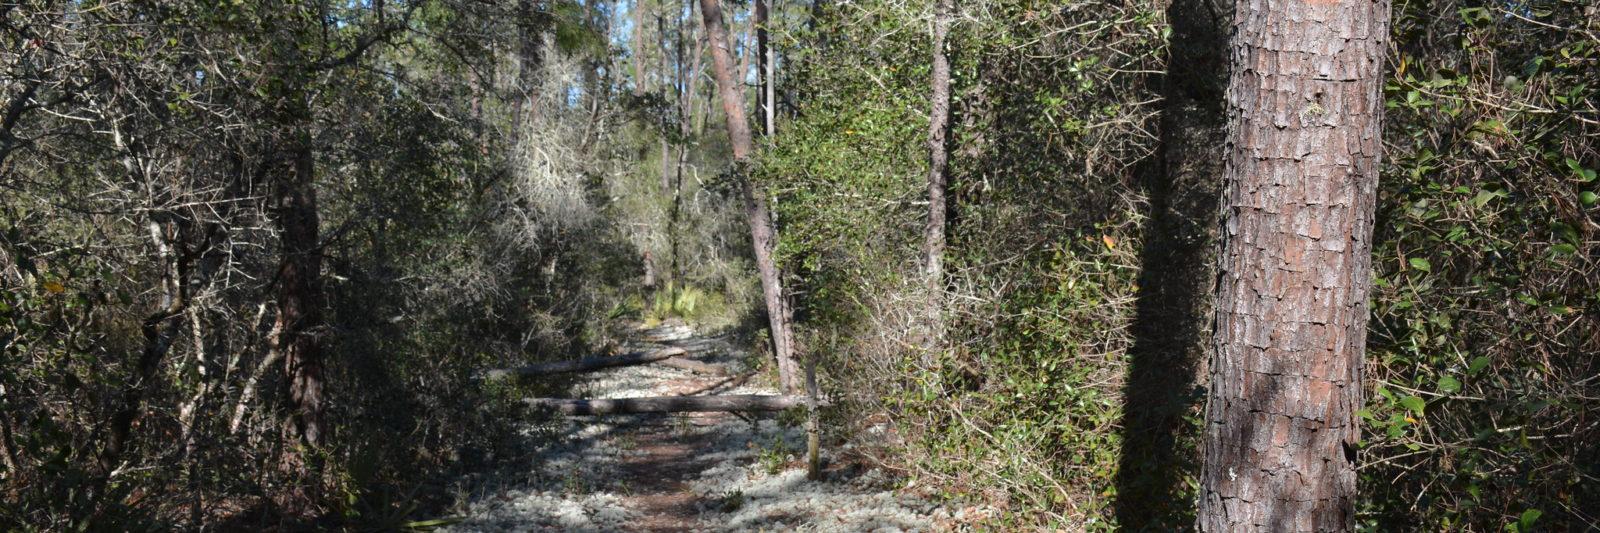 Florida Trail Big scrub